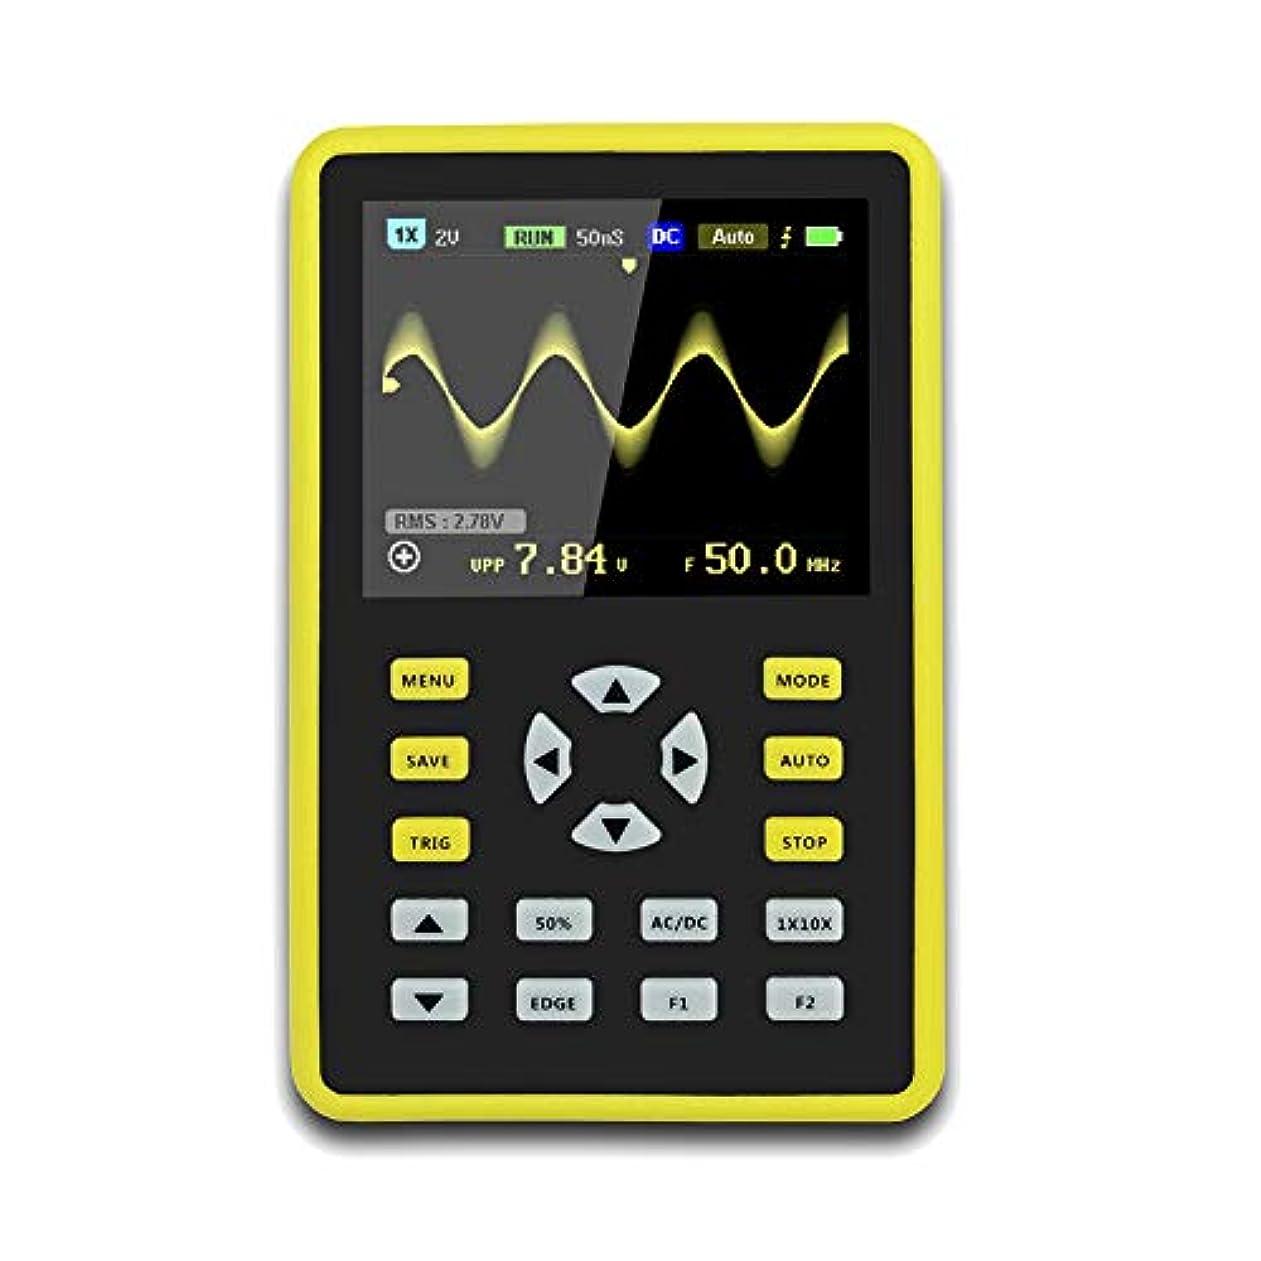 添加世界酸化物Tenflyer  手持ち型デジタル小型オシロスコープ2.4インチ500 MS/s IPS LCD表示スクリーンの携帯用